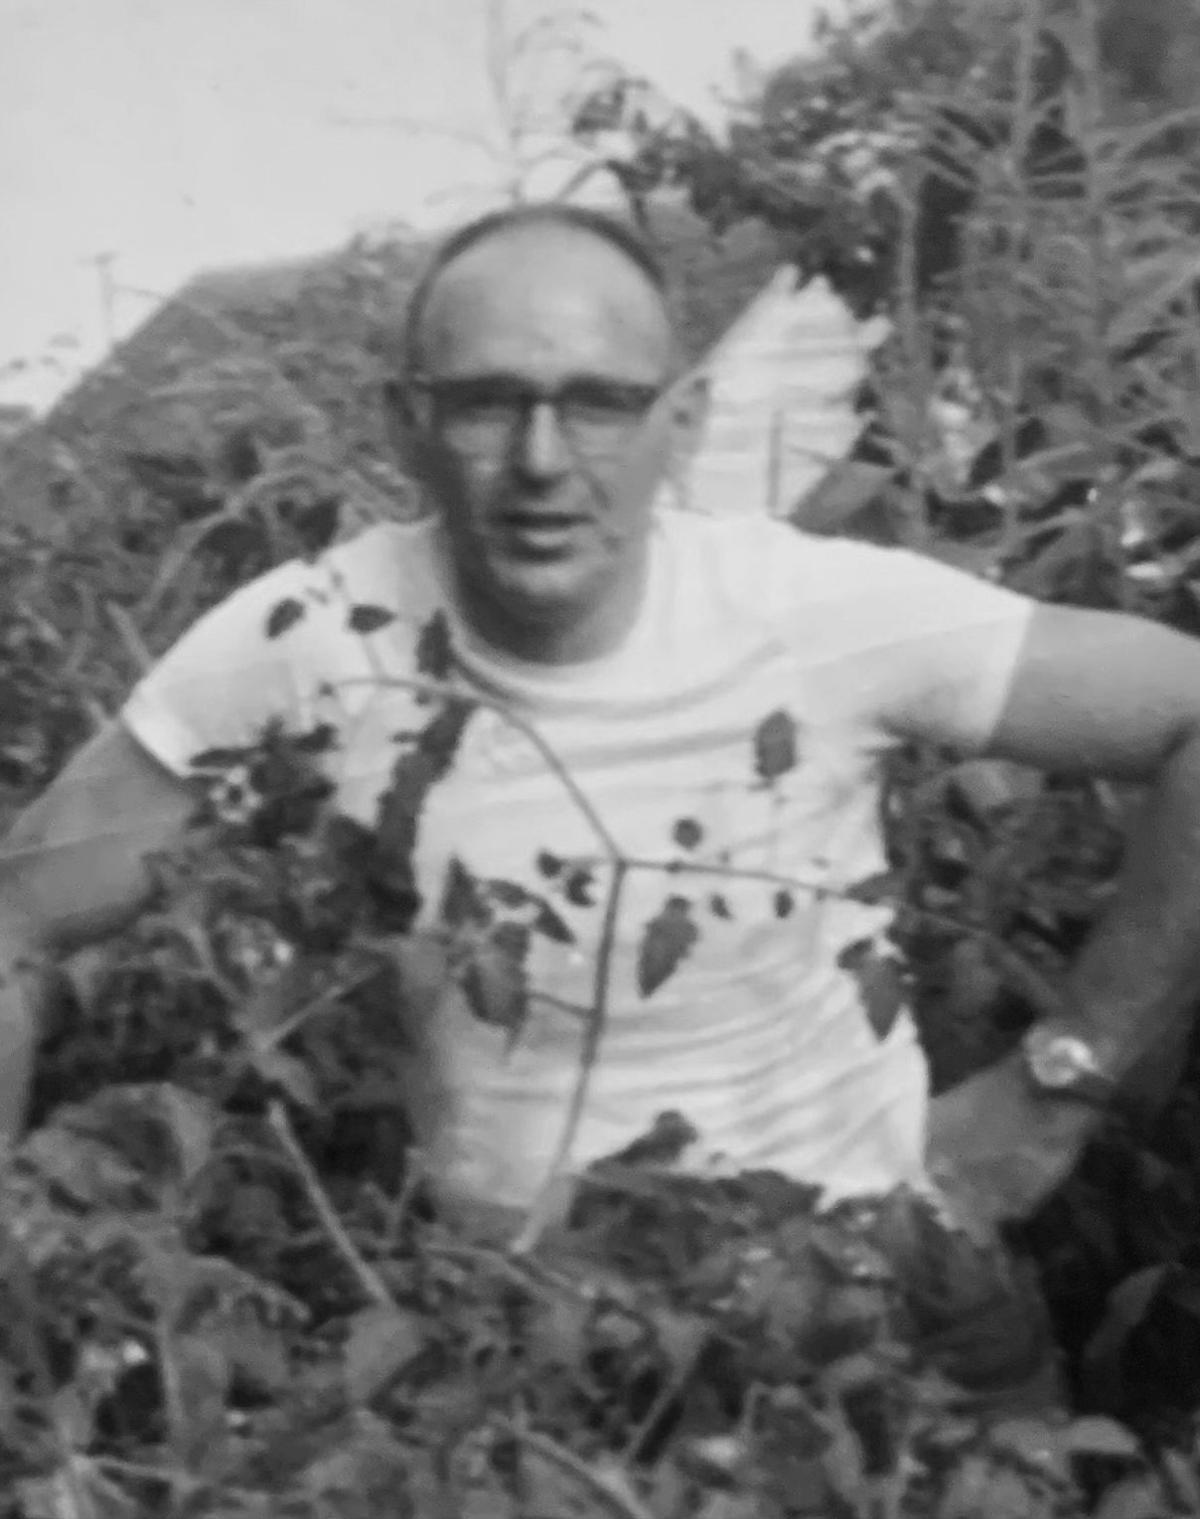 William W. Blakeley